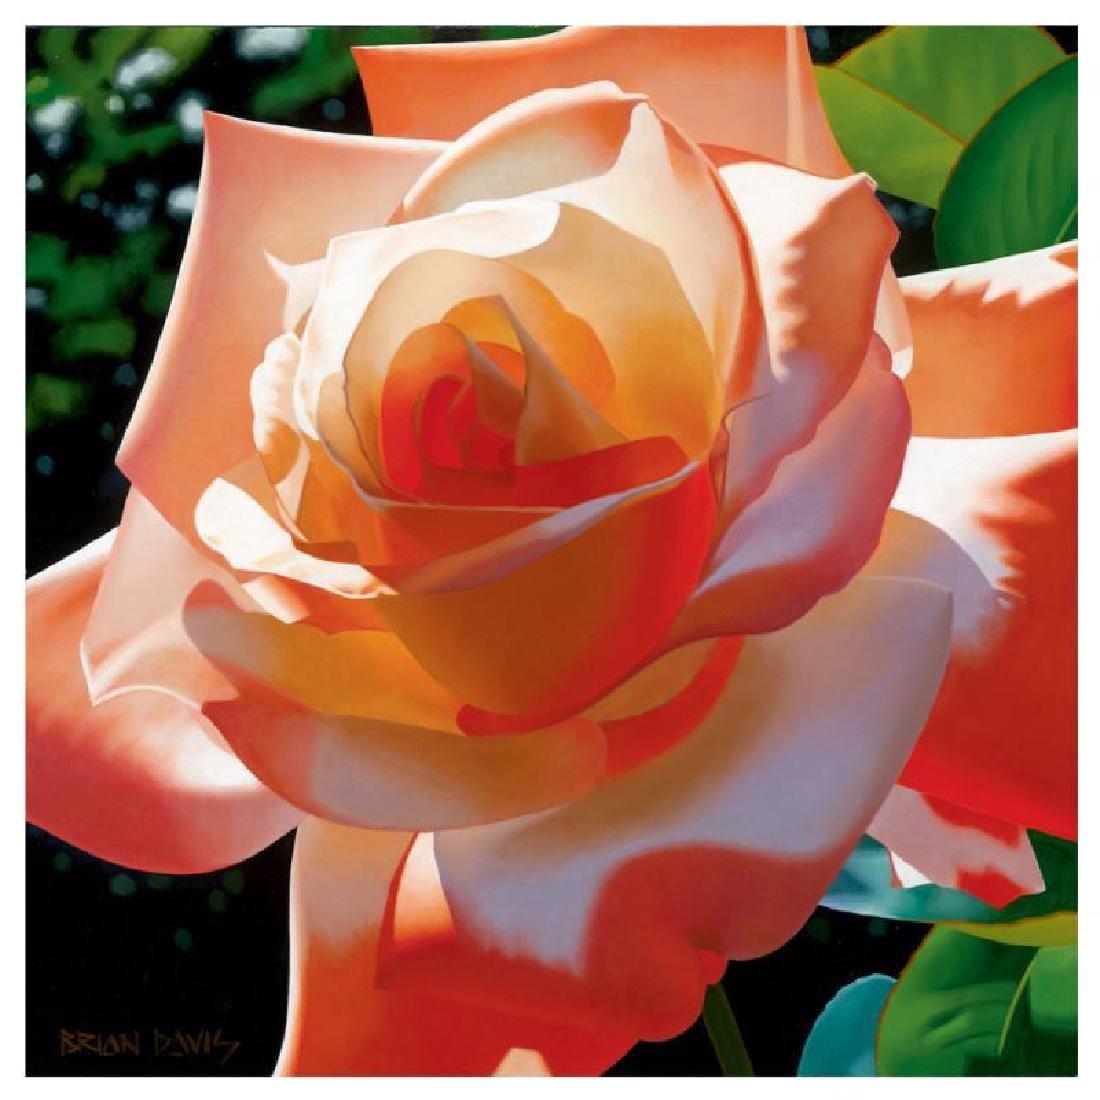 """Brian Davis - """"Orange Radiance"""" Limited Edition Giclee"""